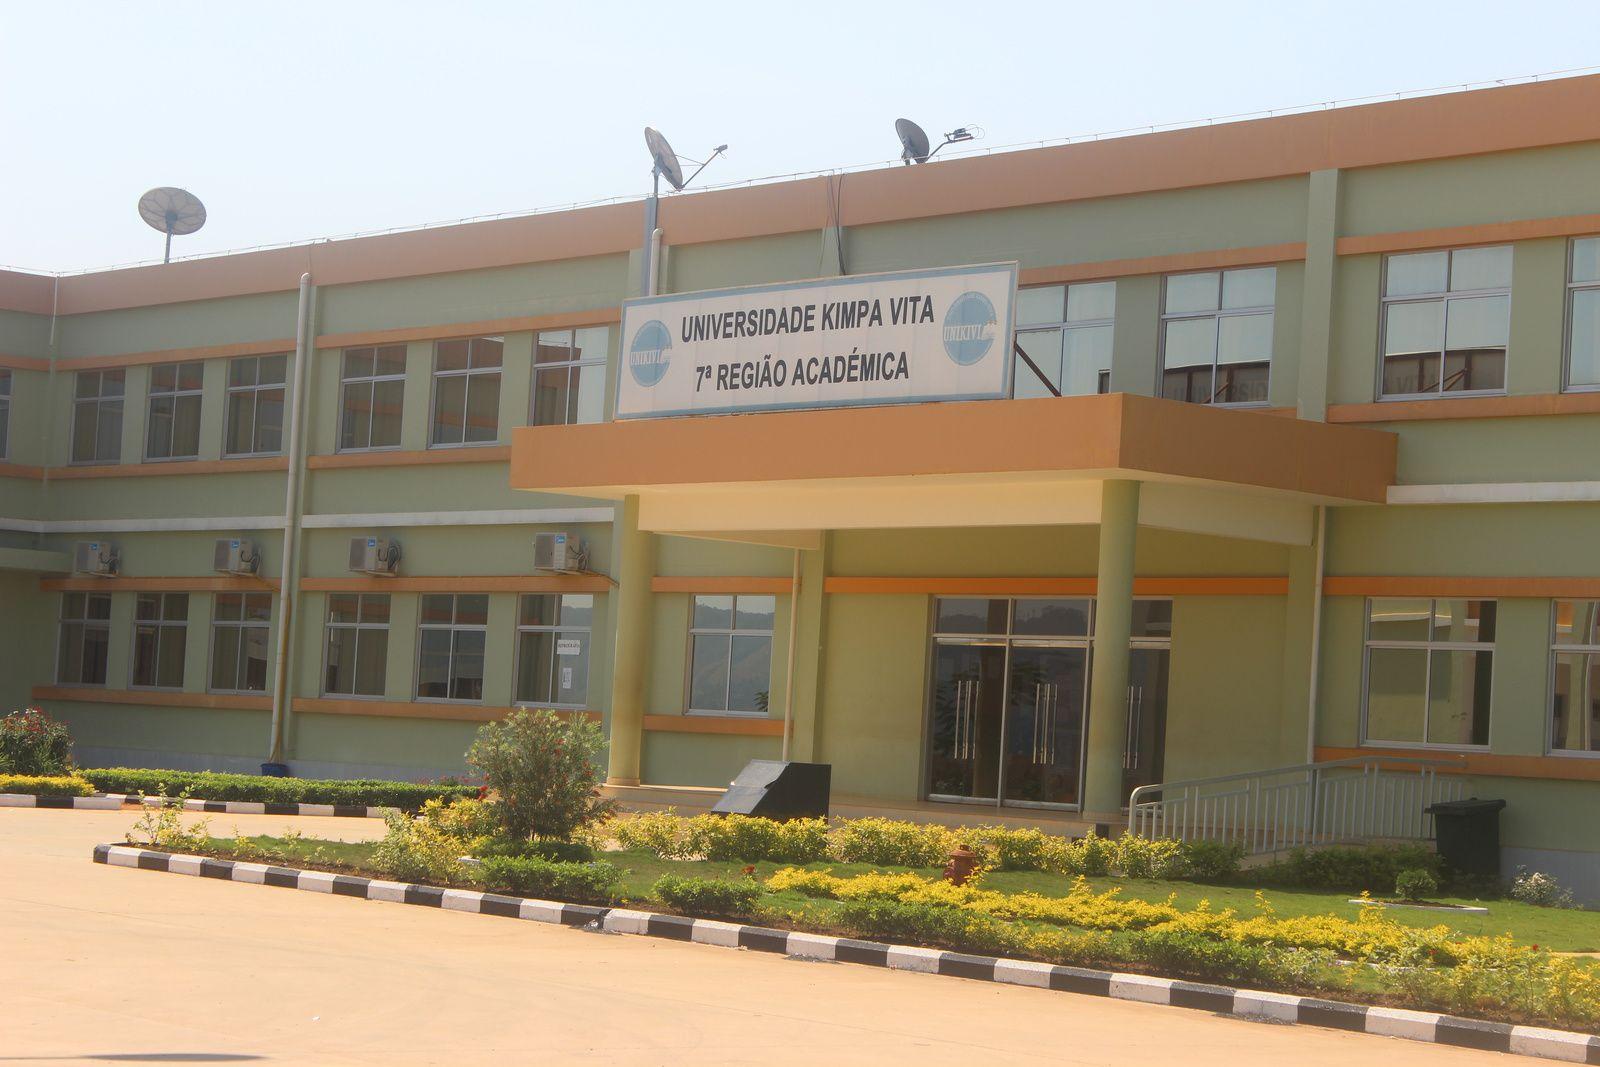 Universidade Kimpa Vita, na Cidade do Uige. Imagem de Muana Damba